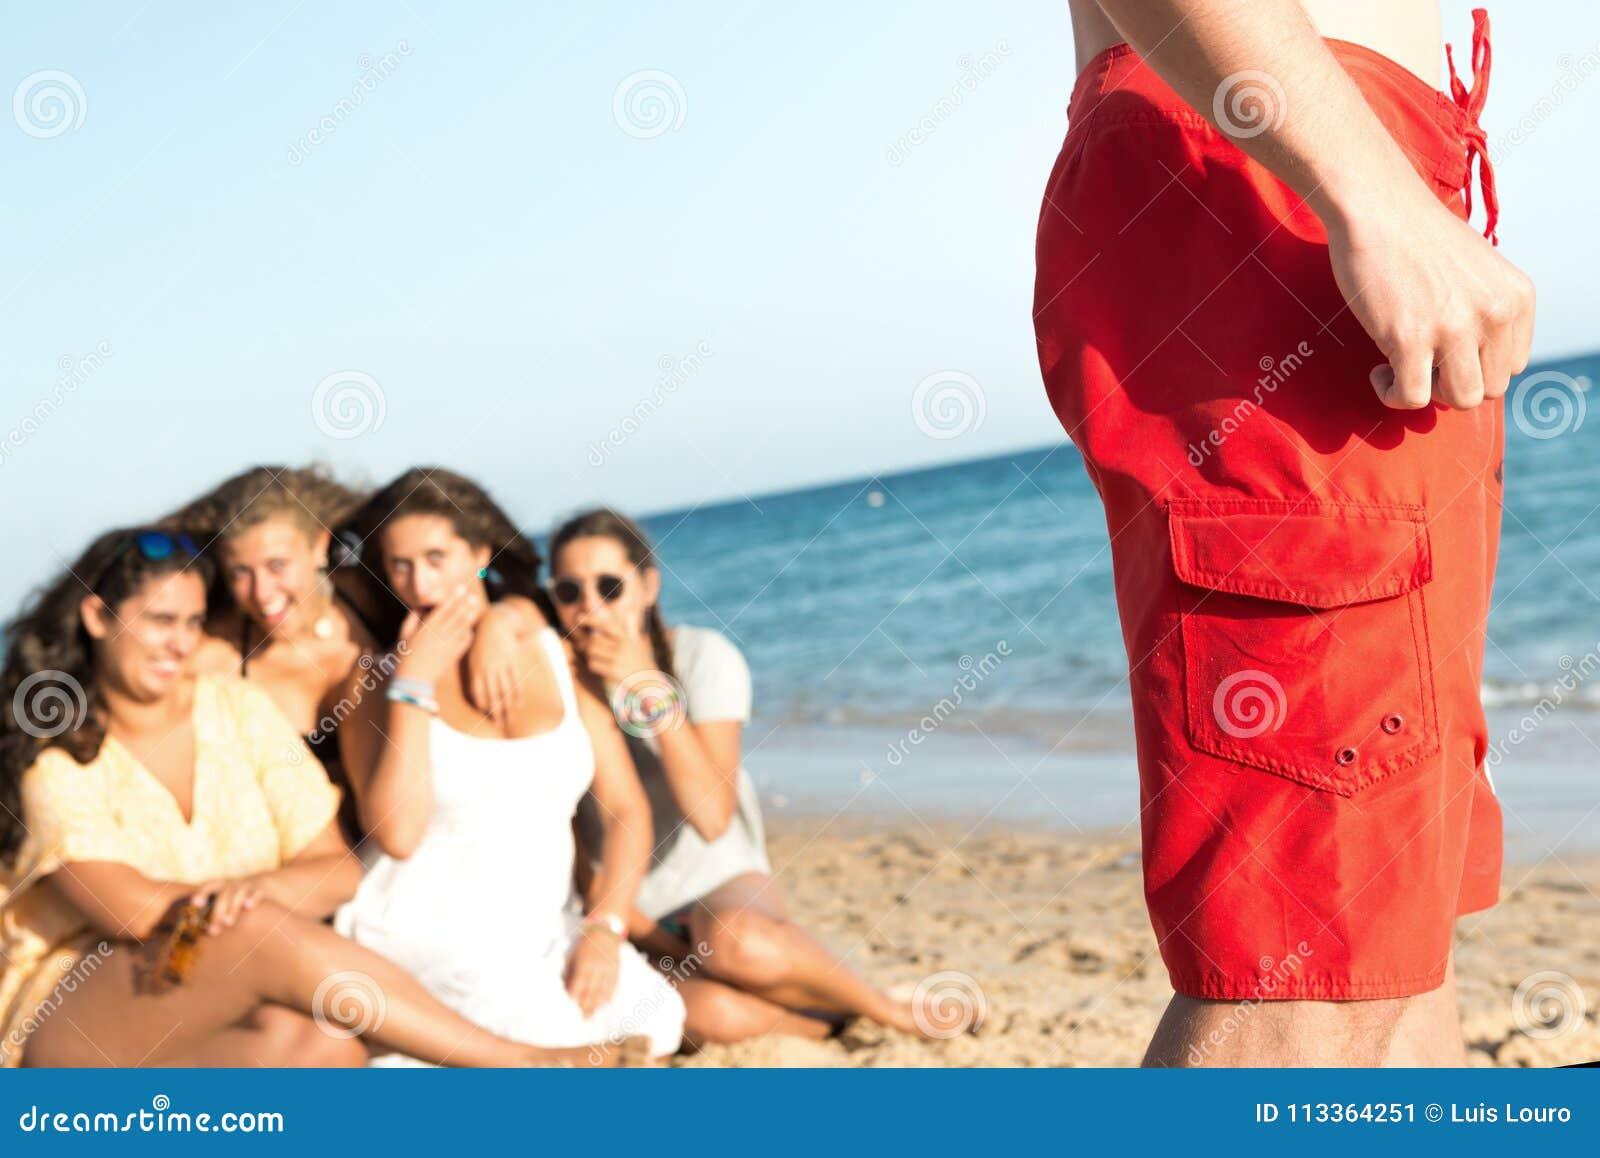 Stocking women xxx gifs